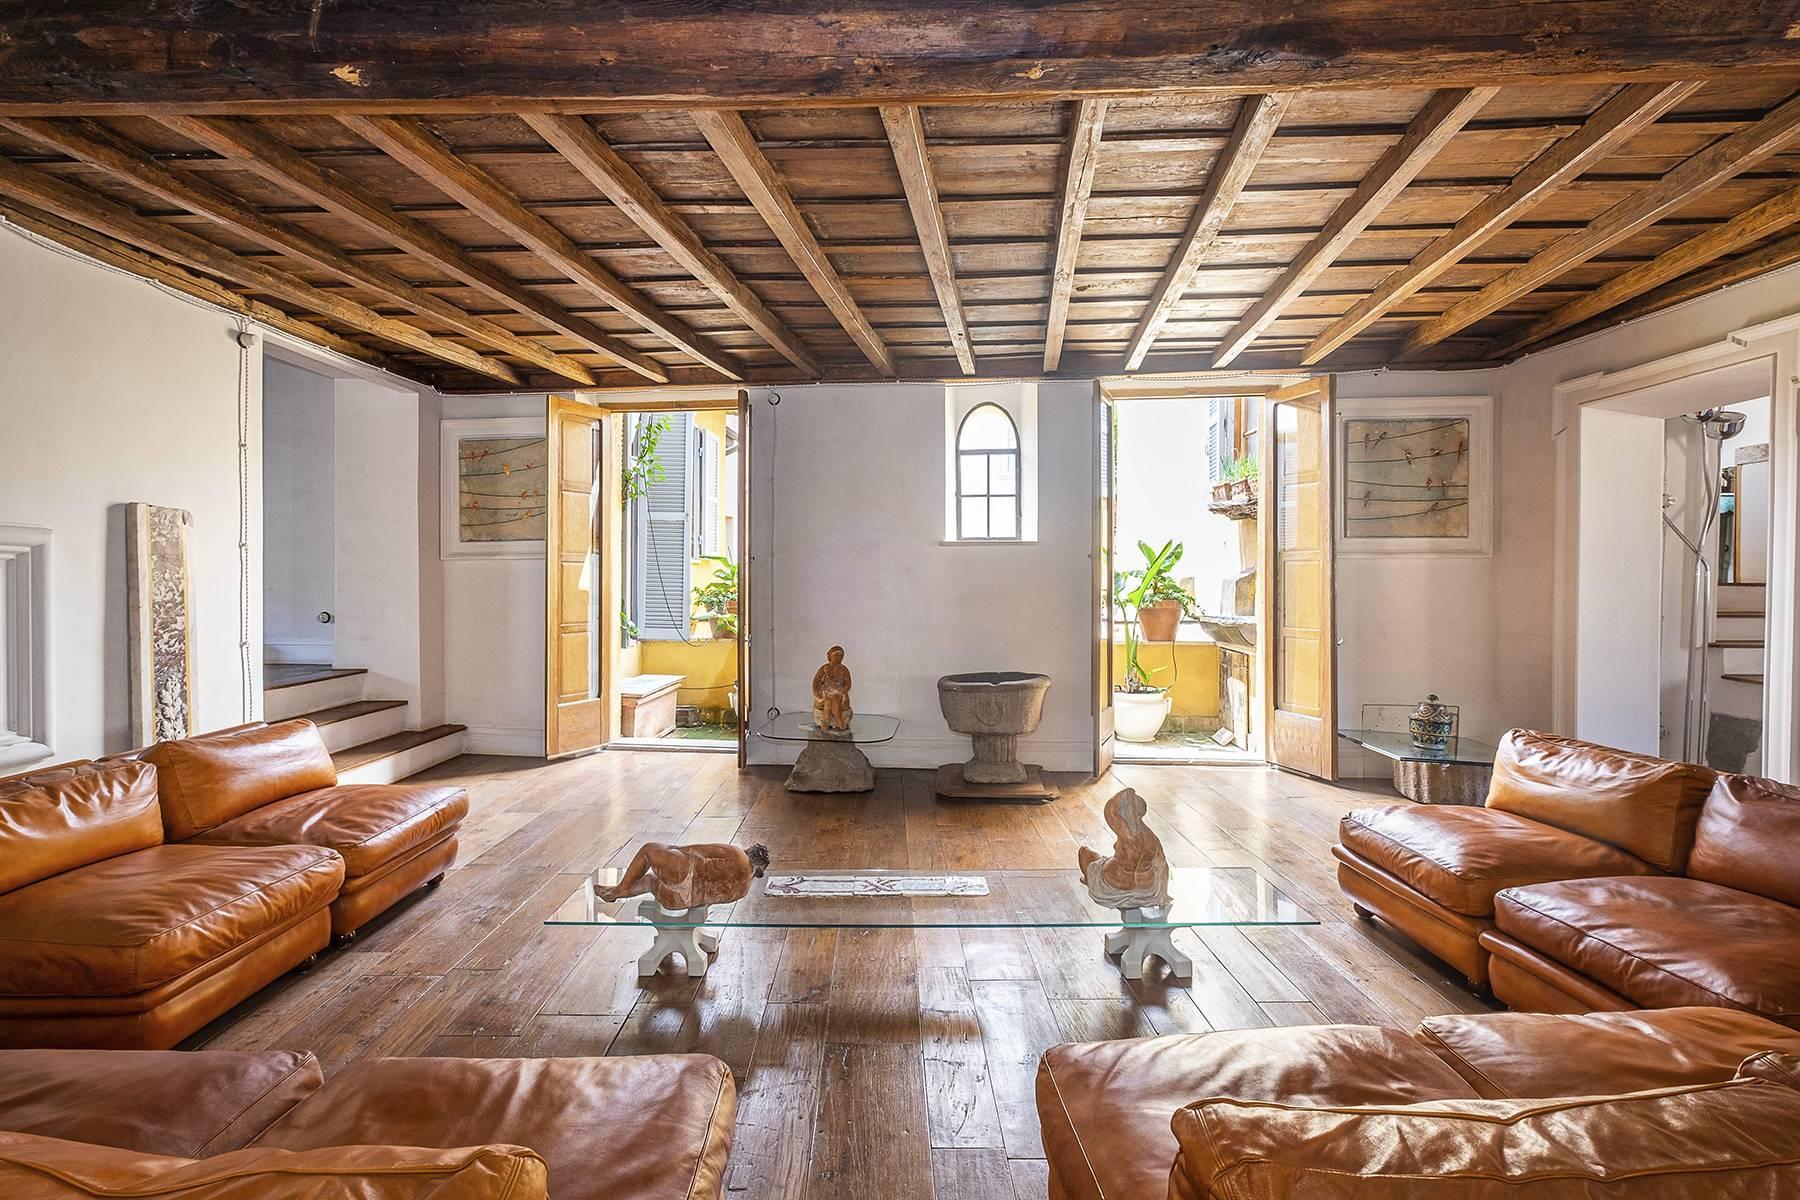 Schöne renovierte Penthouse mit Panoramadachgärten - 2